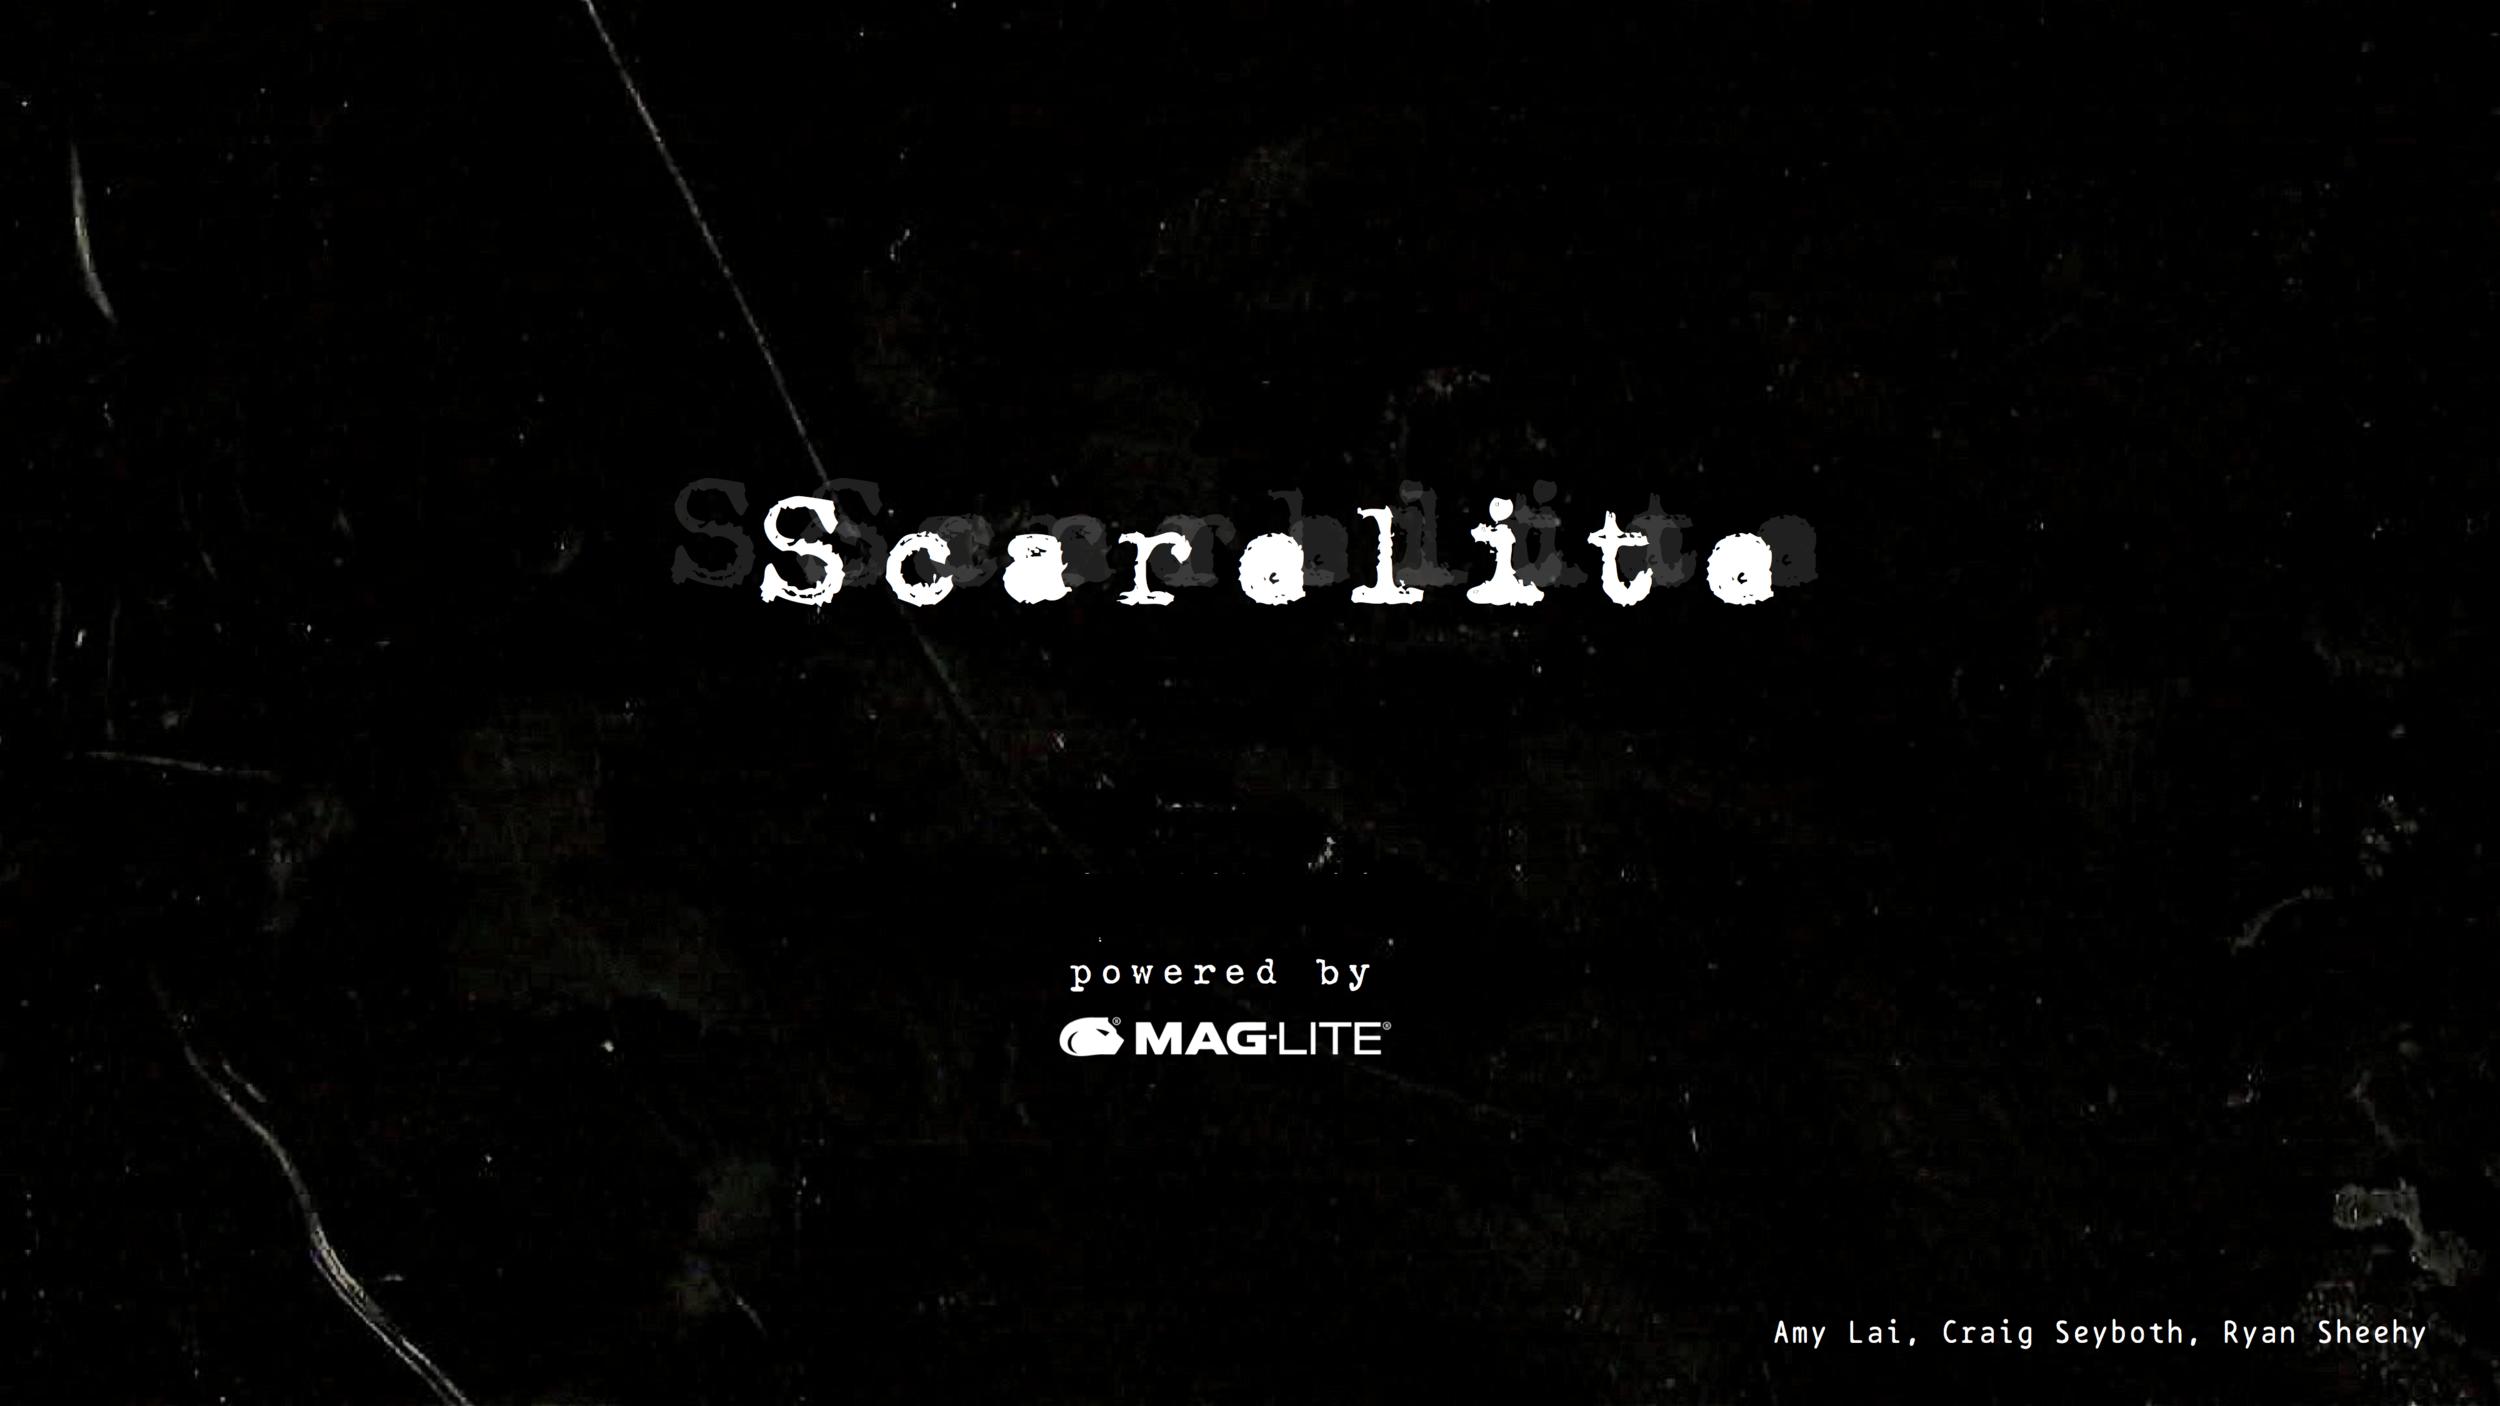 Ryan Sheehy Maglite Scarelite